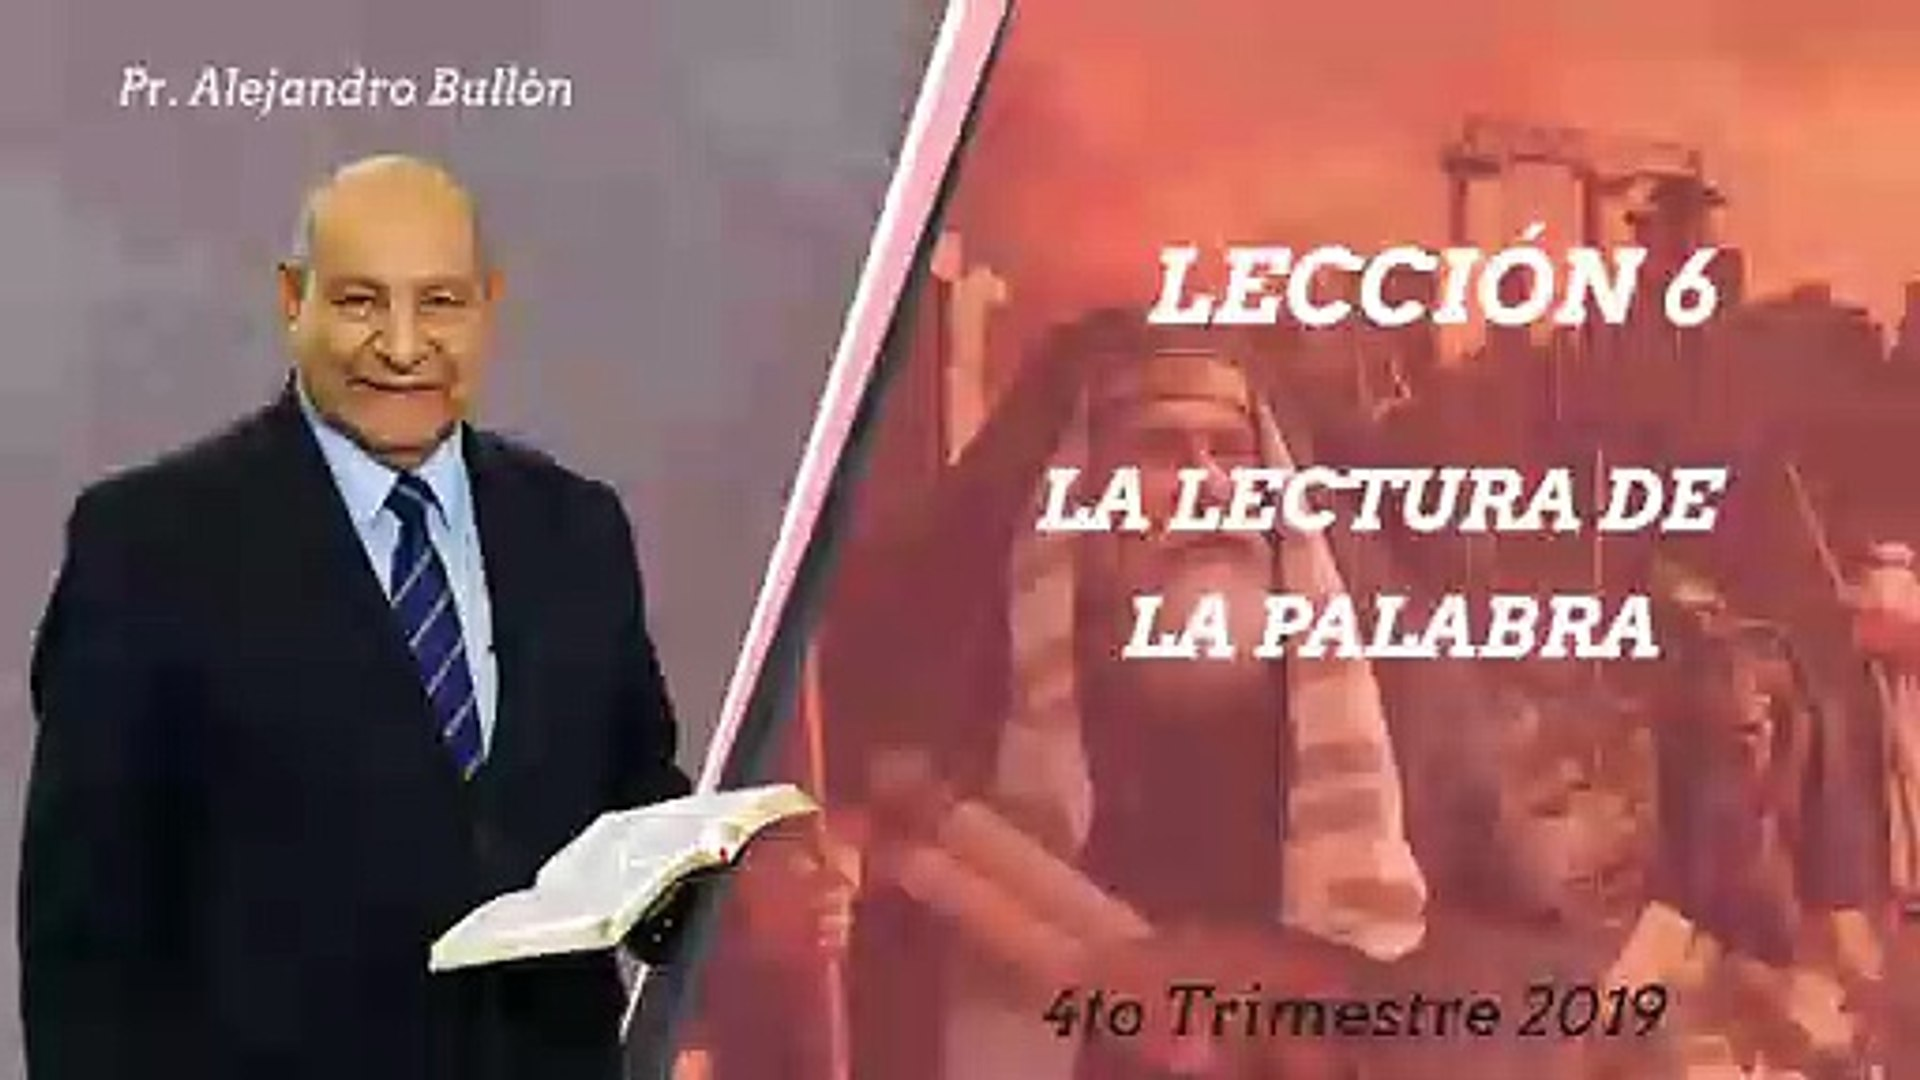 Lección 6: La lectura de la Palabra - Pr. Alejandro Bullón